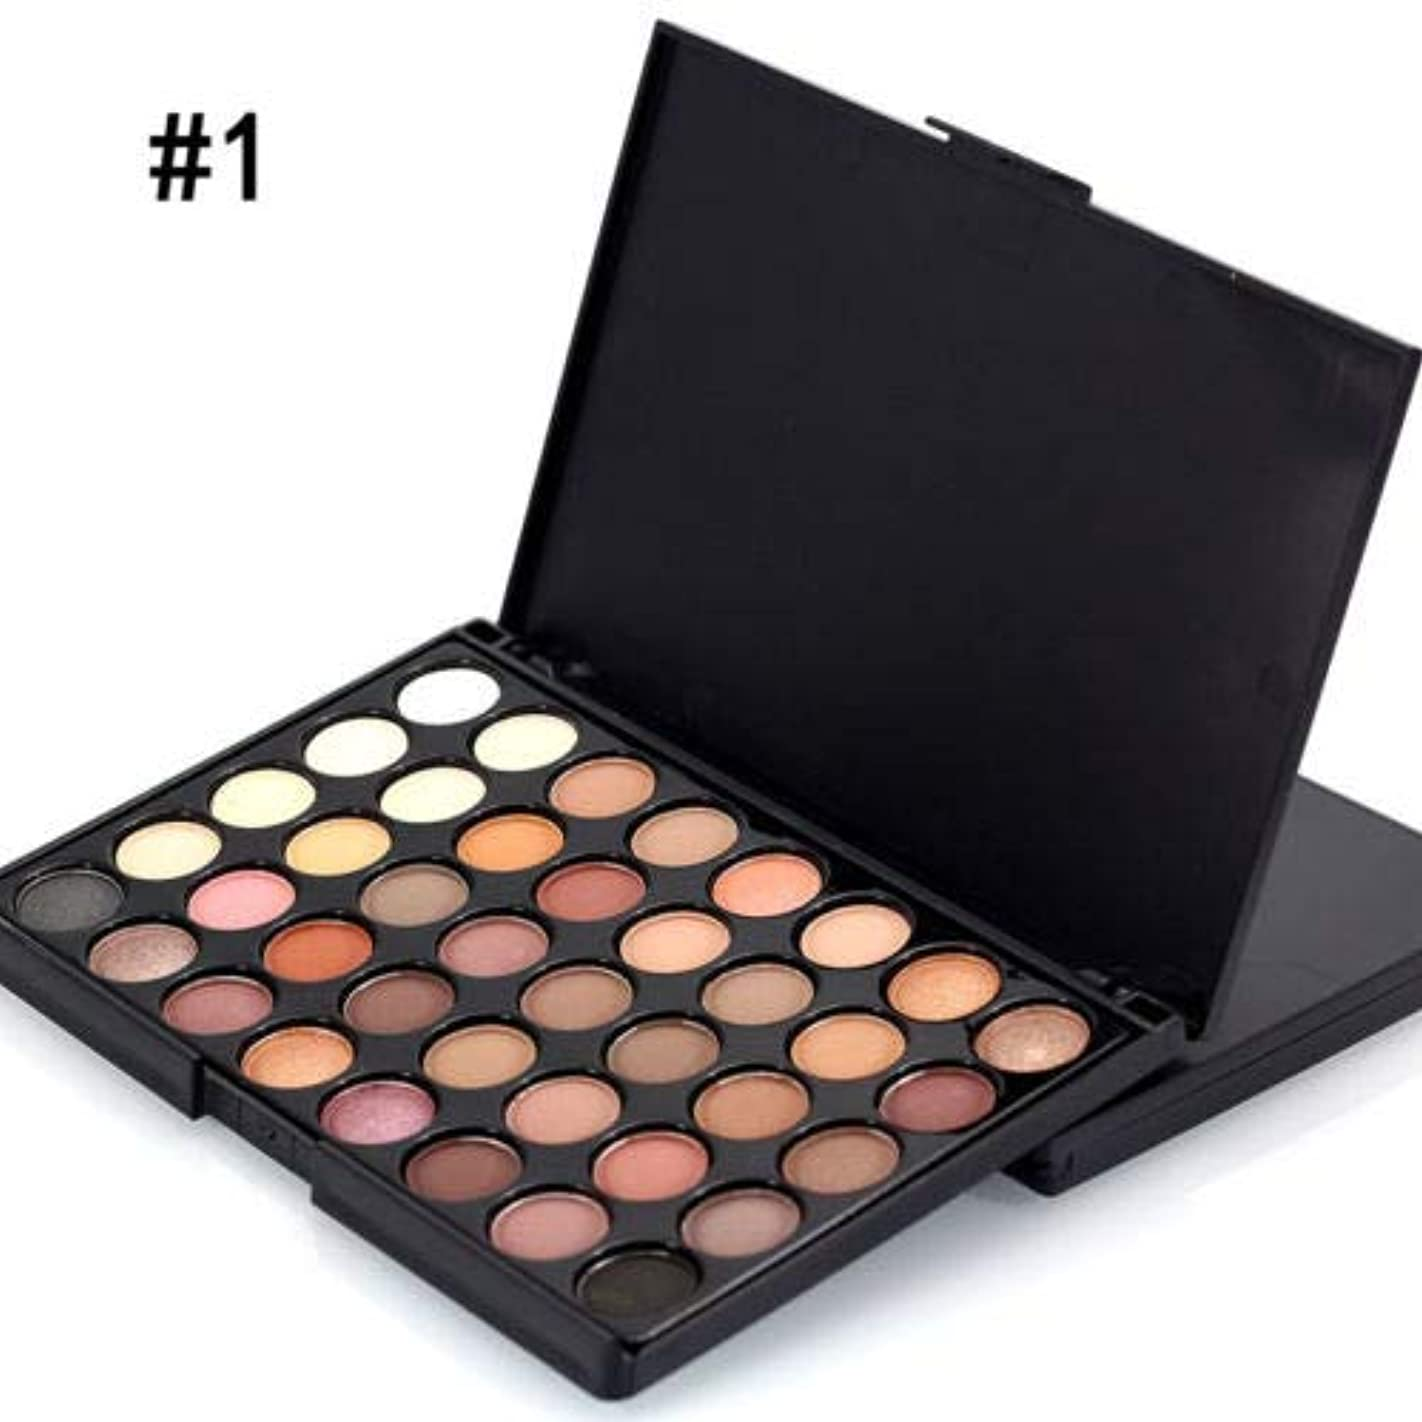 自慢流す残酷FidgetGear 40色化粧品パウダーアイシャドーアイシャドーパレットメイクアップシマーセットマット #1